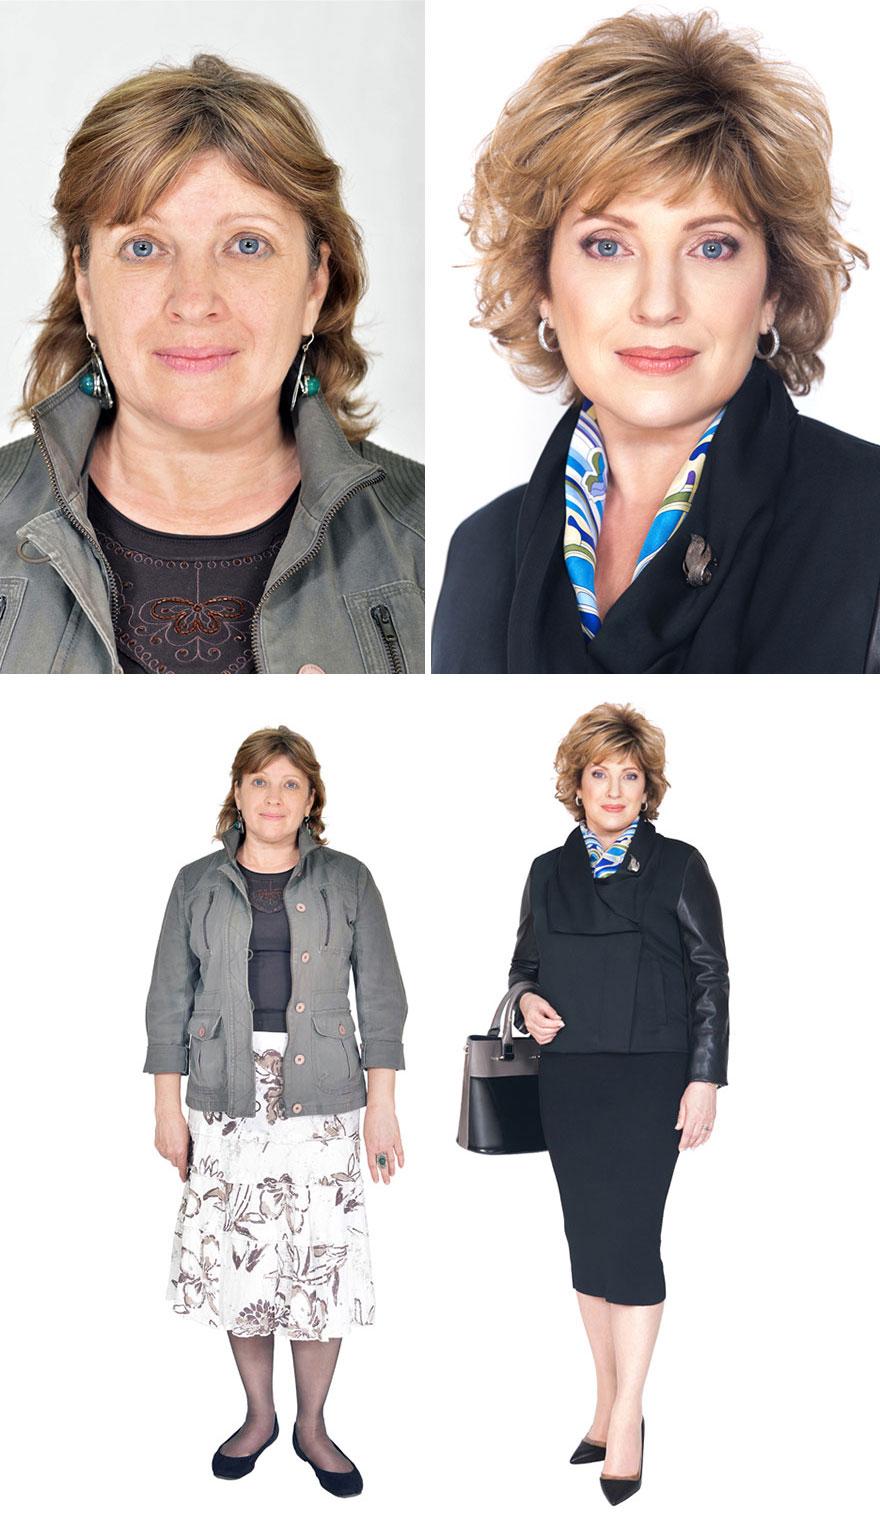 fotos-antes-despues-mujeres-cambio-estilo-bogomolov (35)